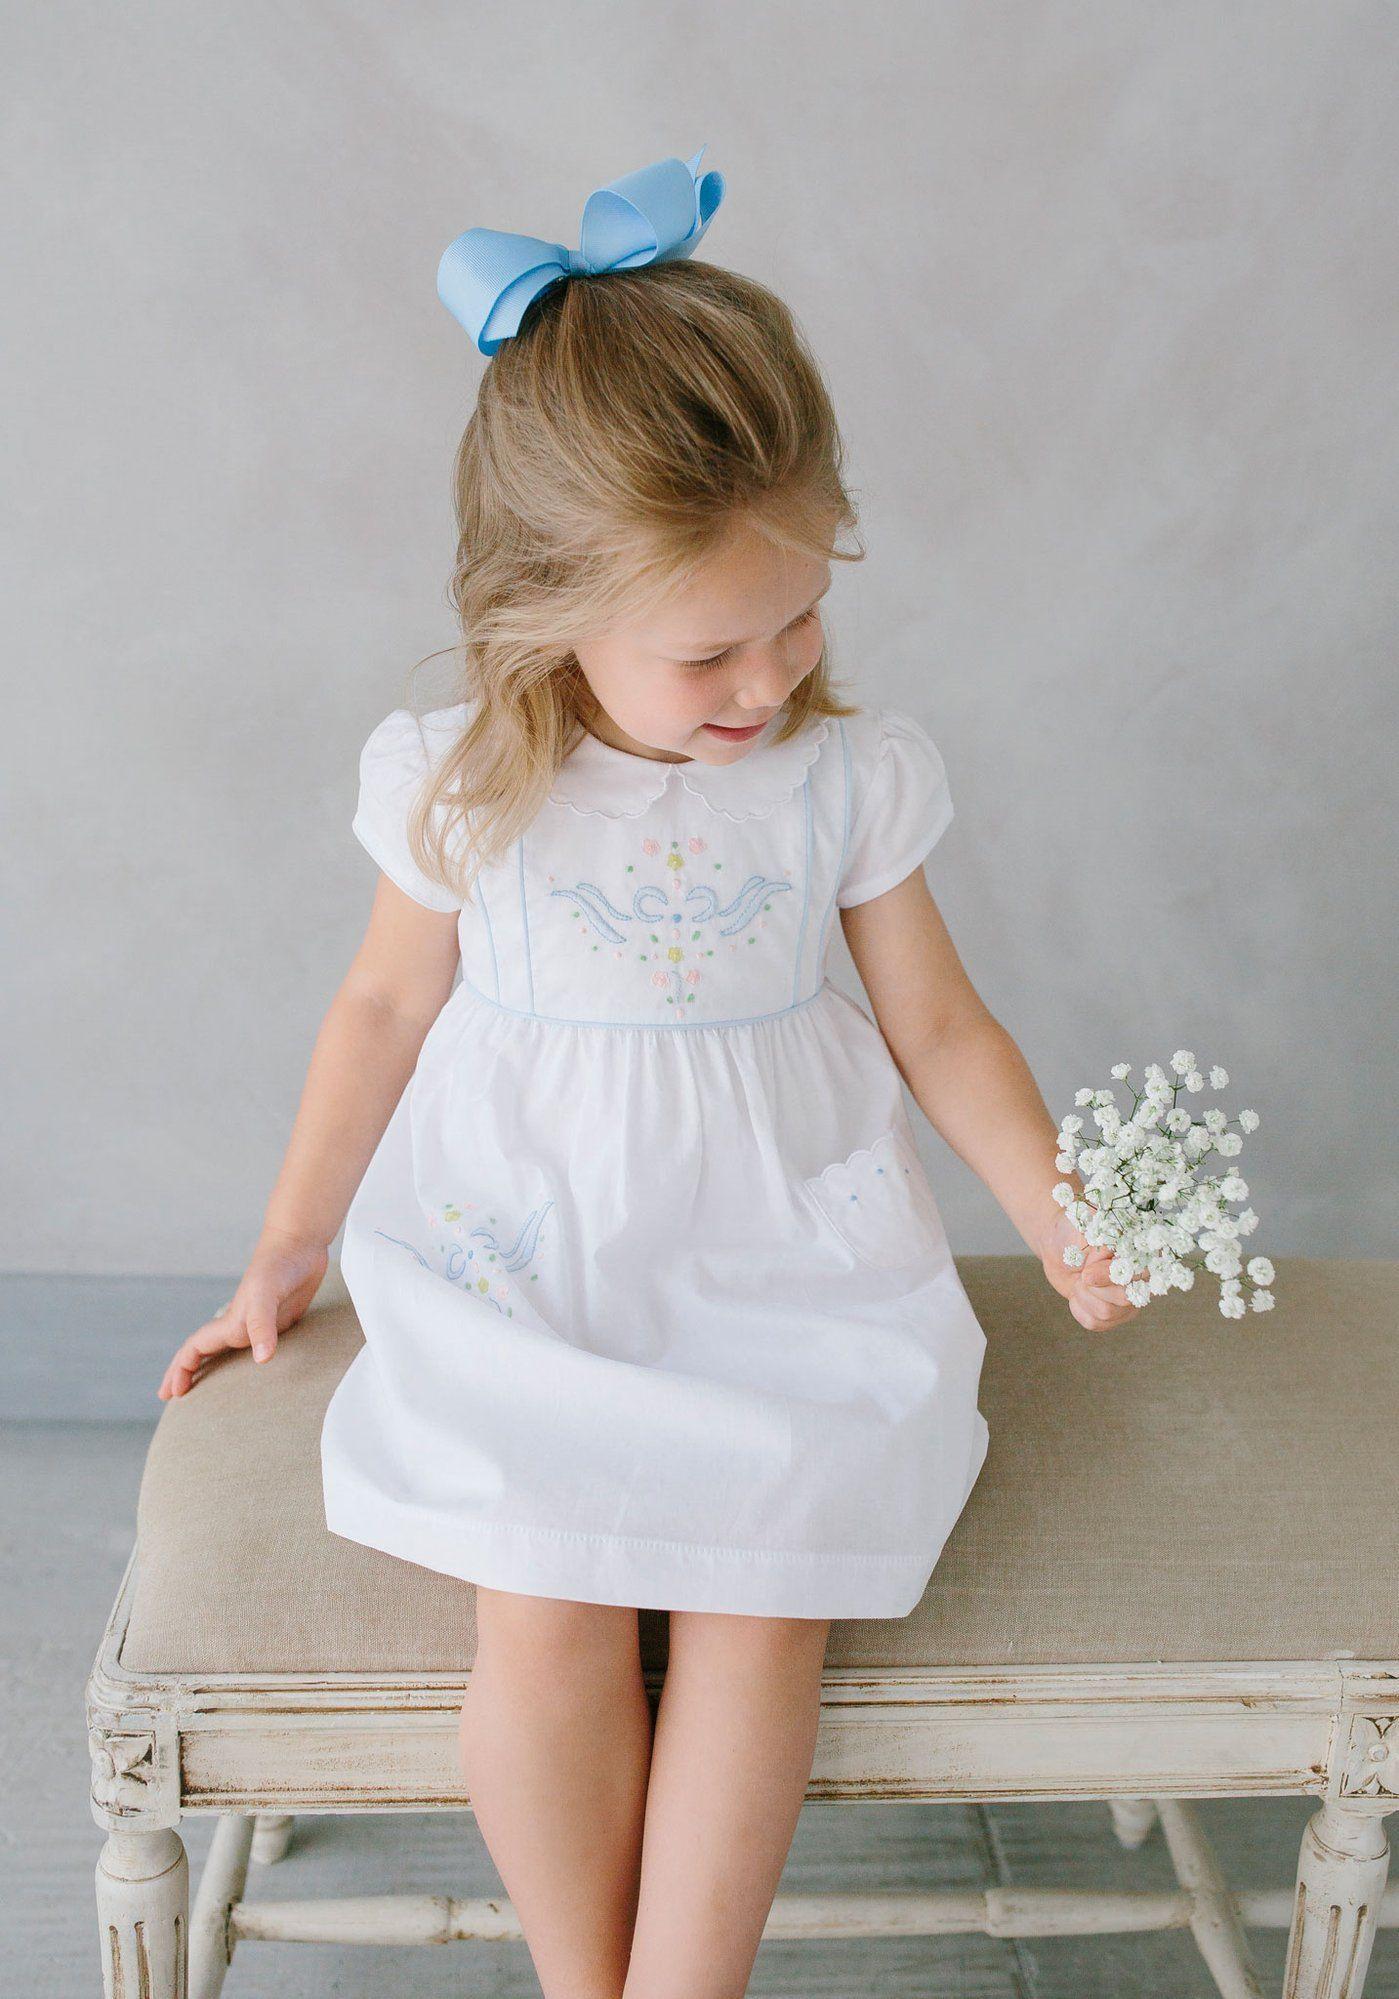 Cashman Kleid - Summer Inspiration: Children's Clothing